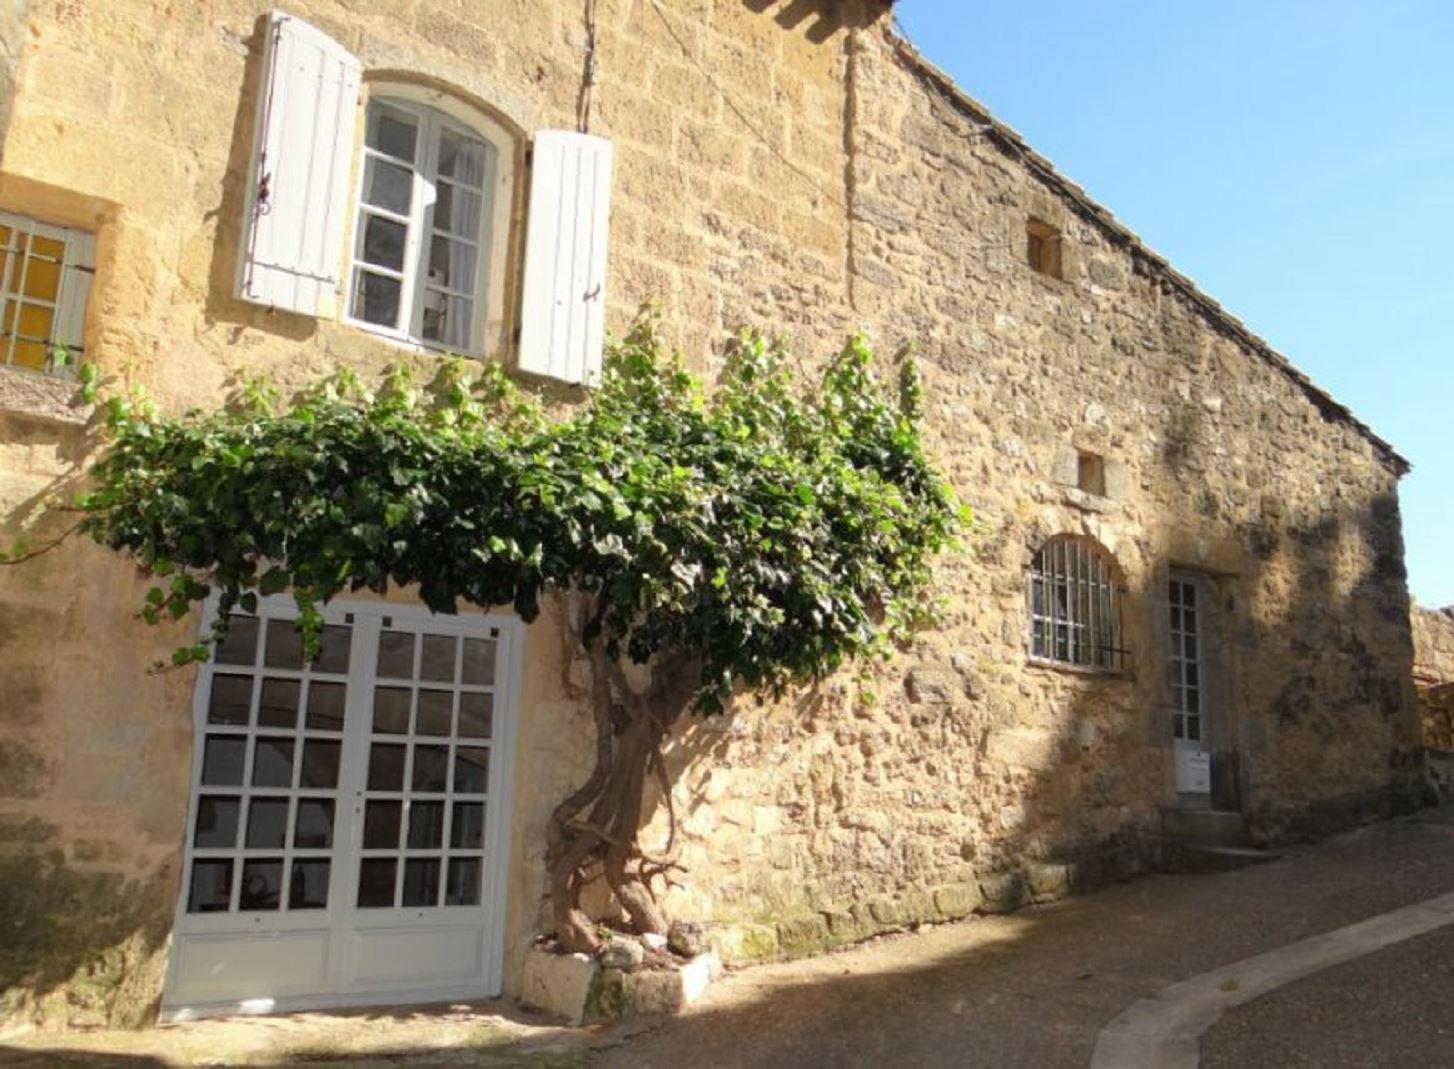 Urcharmigt byhus med innergård och terrass